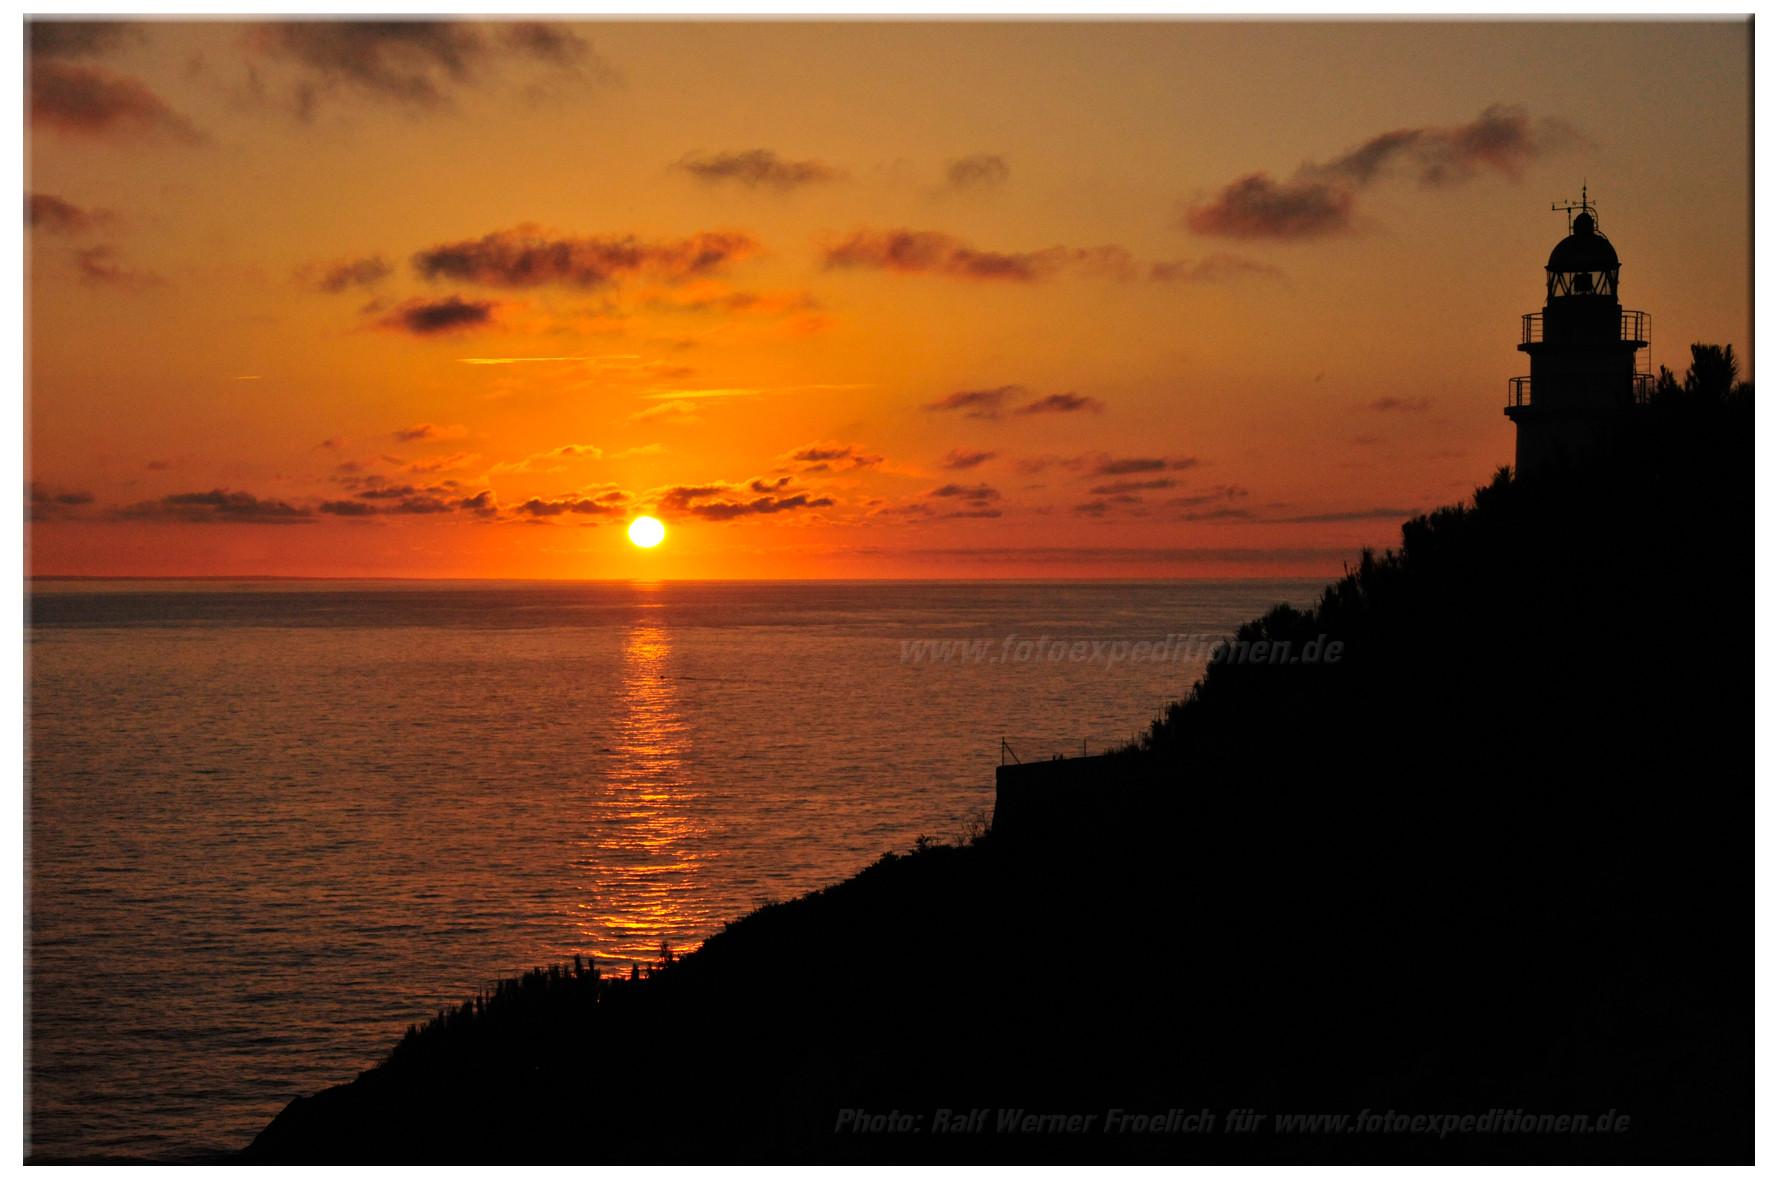 Sonnenaufgang Cap de Pera, Mallorca